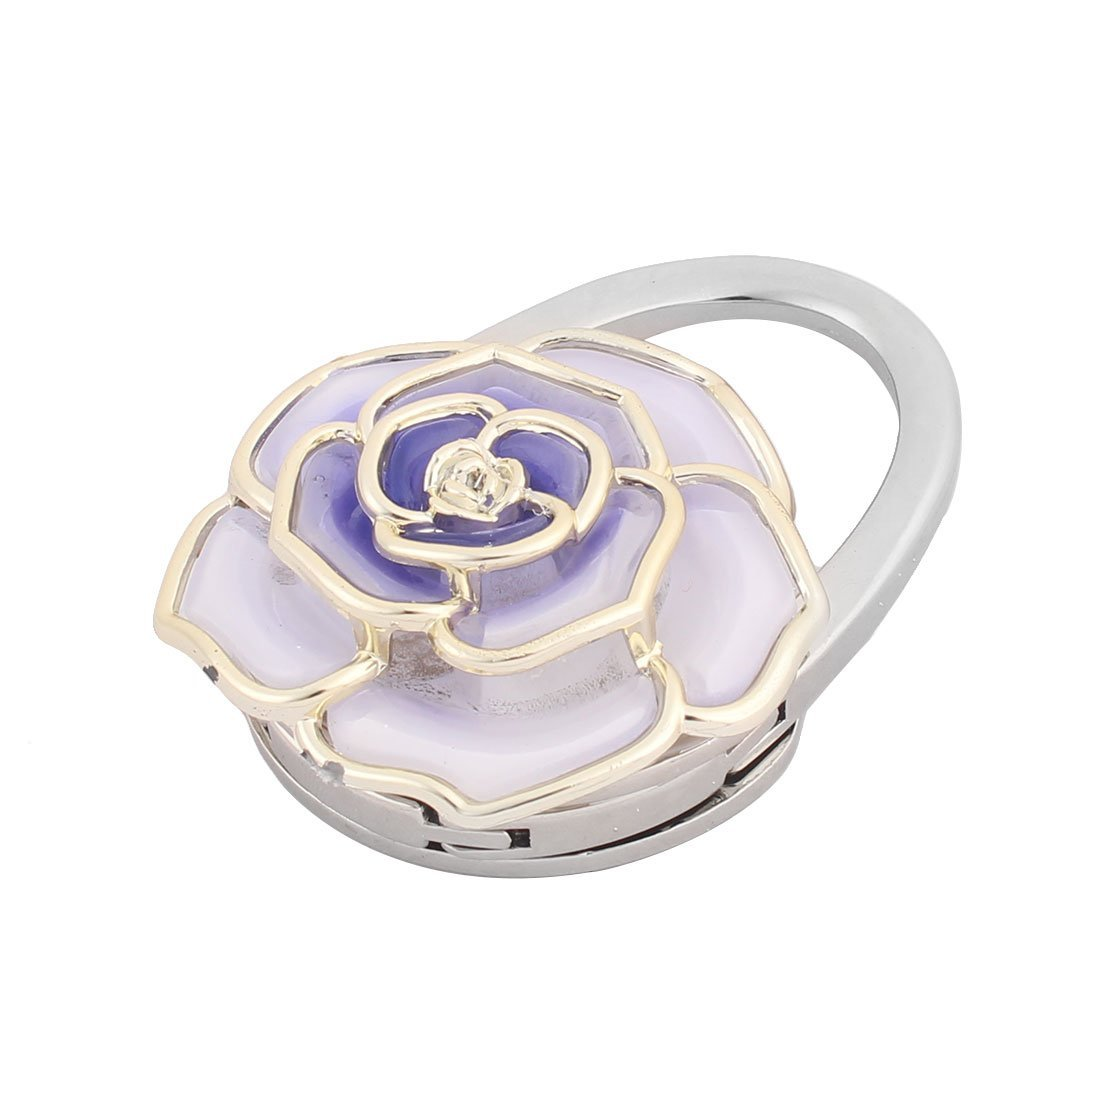 Amazon.com: eDealMax Forma Mujer de la Flor Señora hecha a Mano de la gema de la decoración del monedero de la Tabla del gancho púrpura: Home & Kitchen